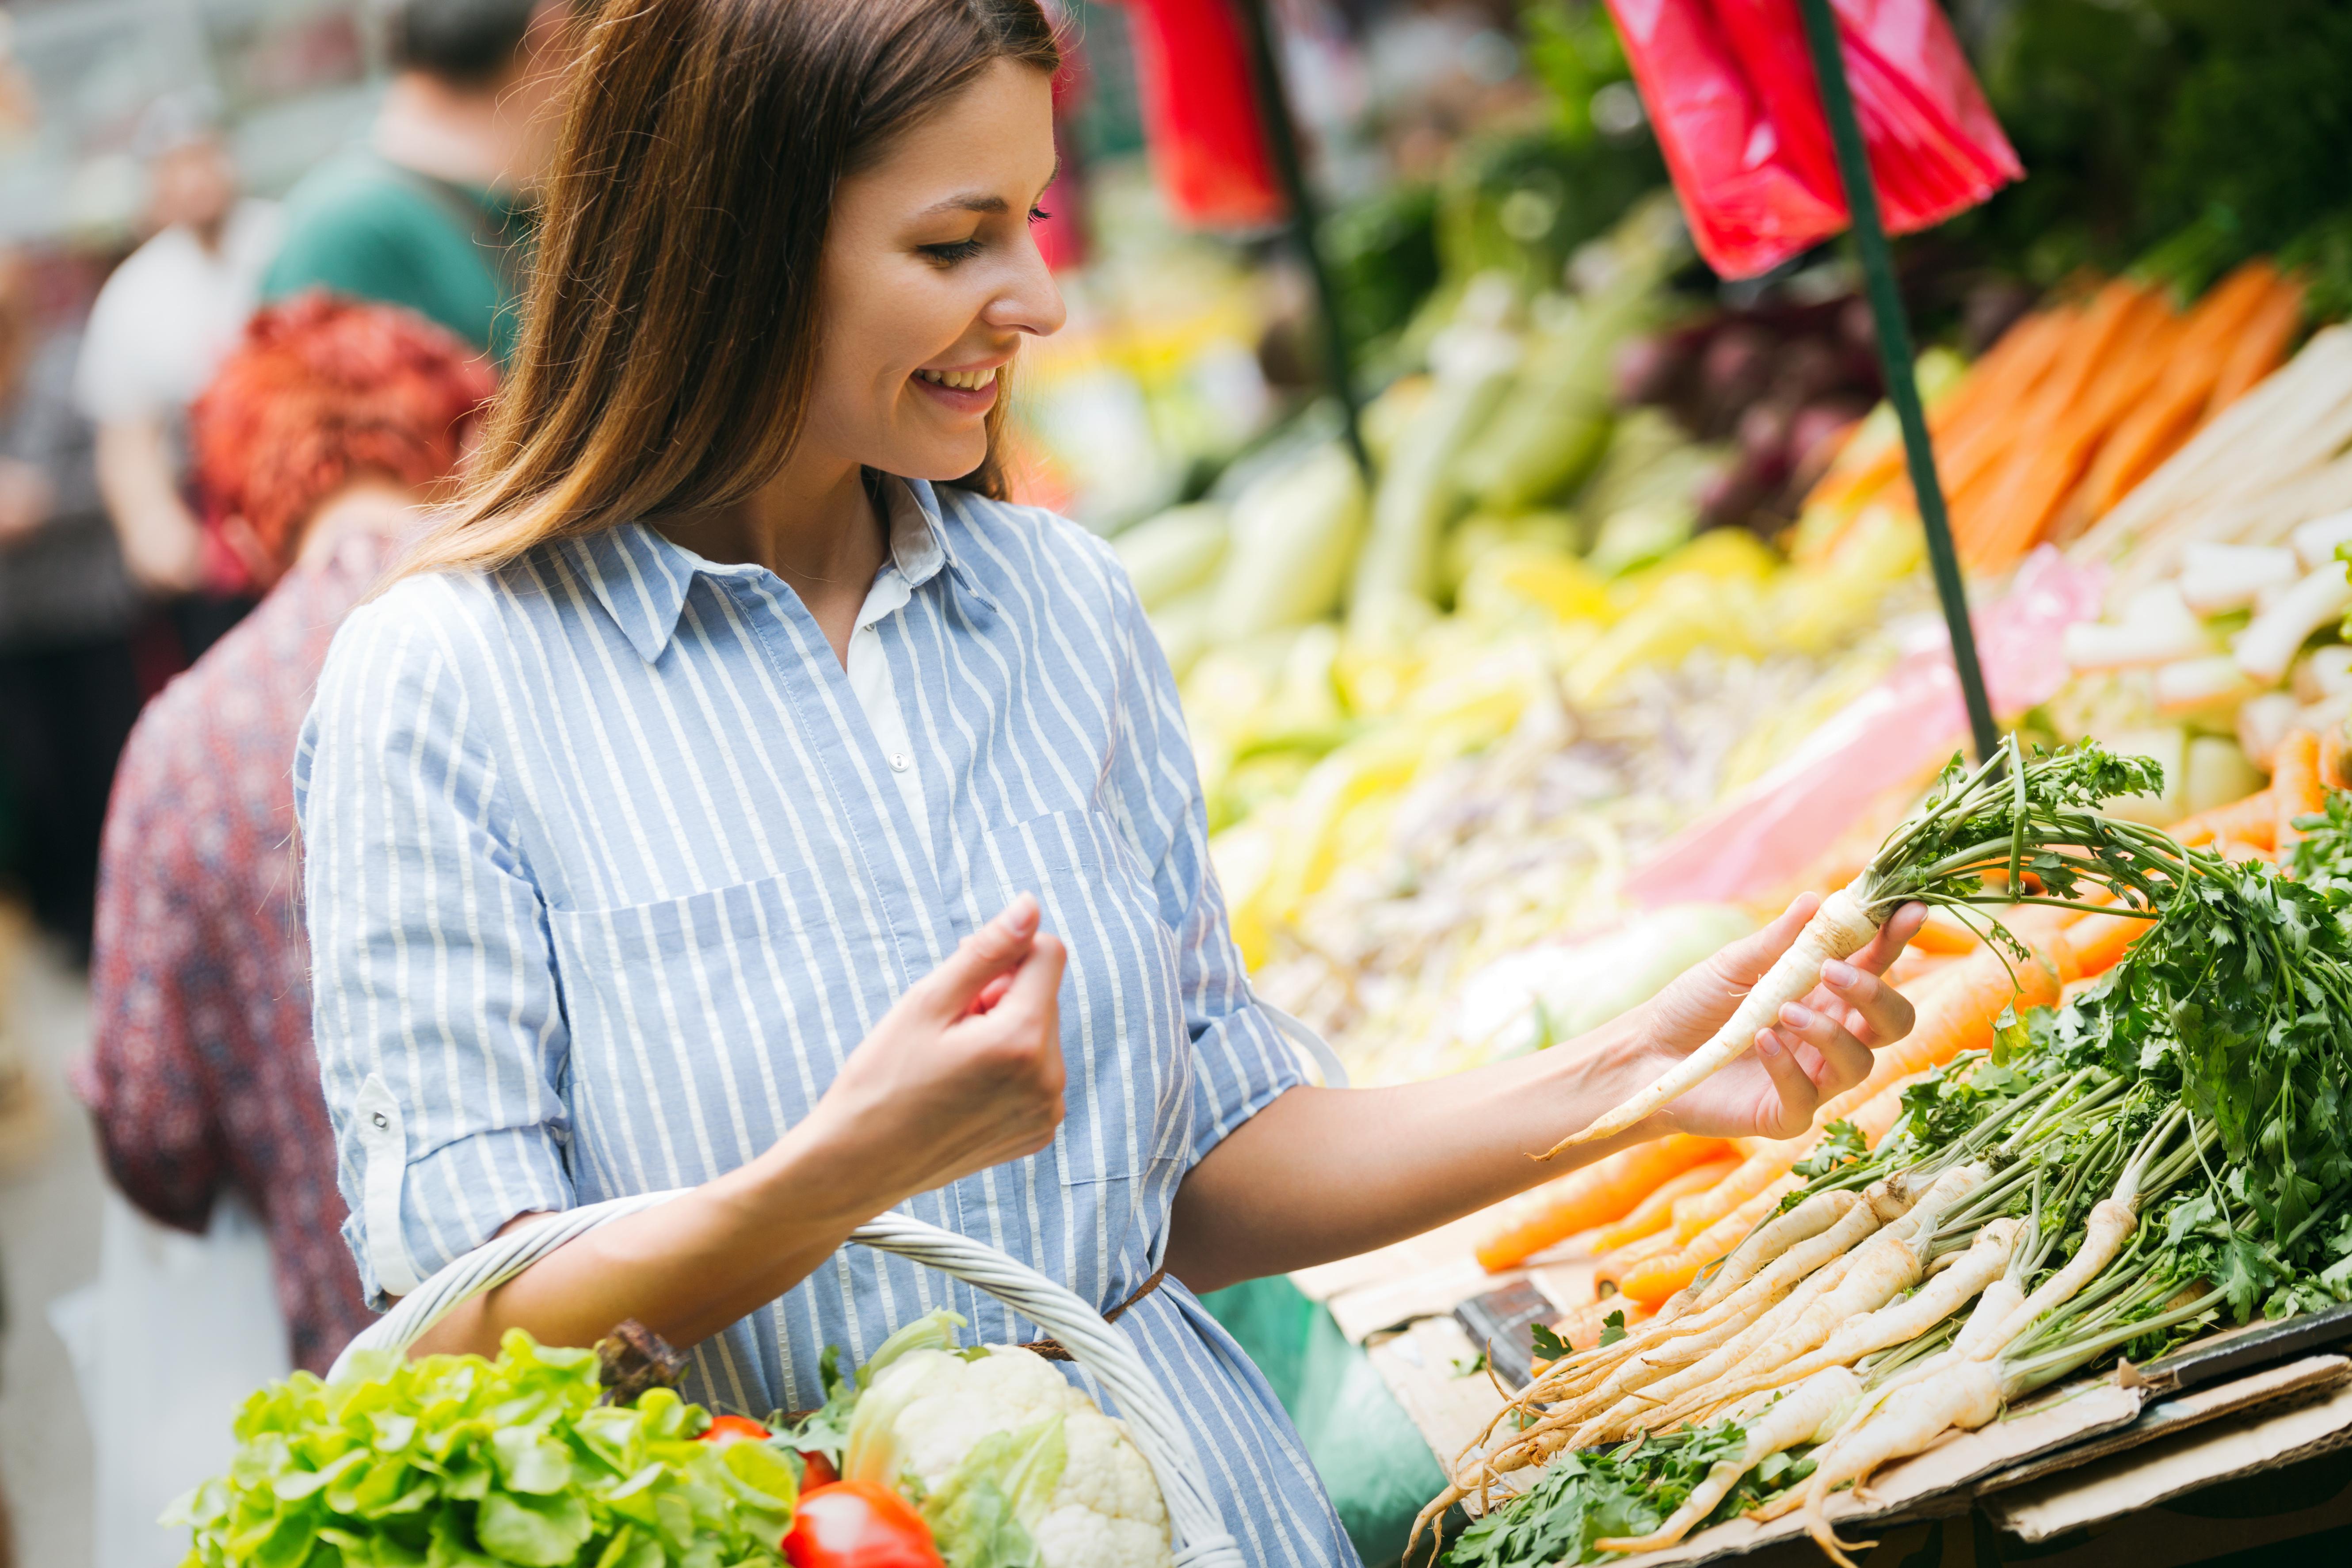 Mujer en edad fértil comprando verduras en el mercado